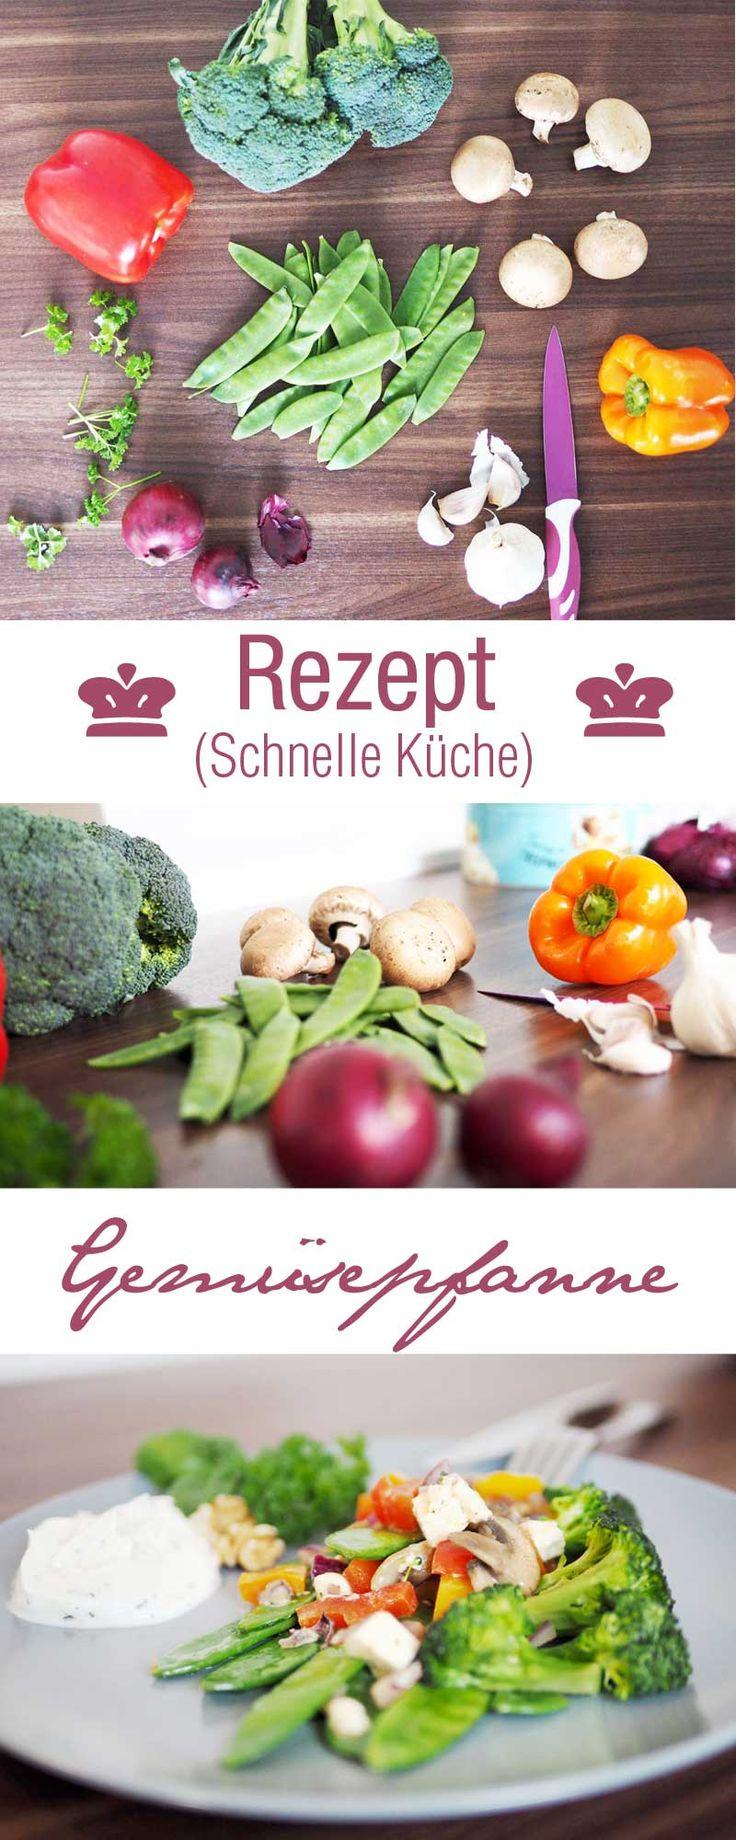 die gemüsepfanne ? leckeres & einfaches rezept, wenn es mal wieder ... - Gesunde Schnelle Küche